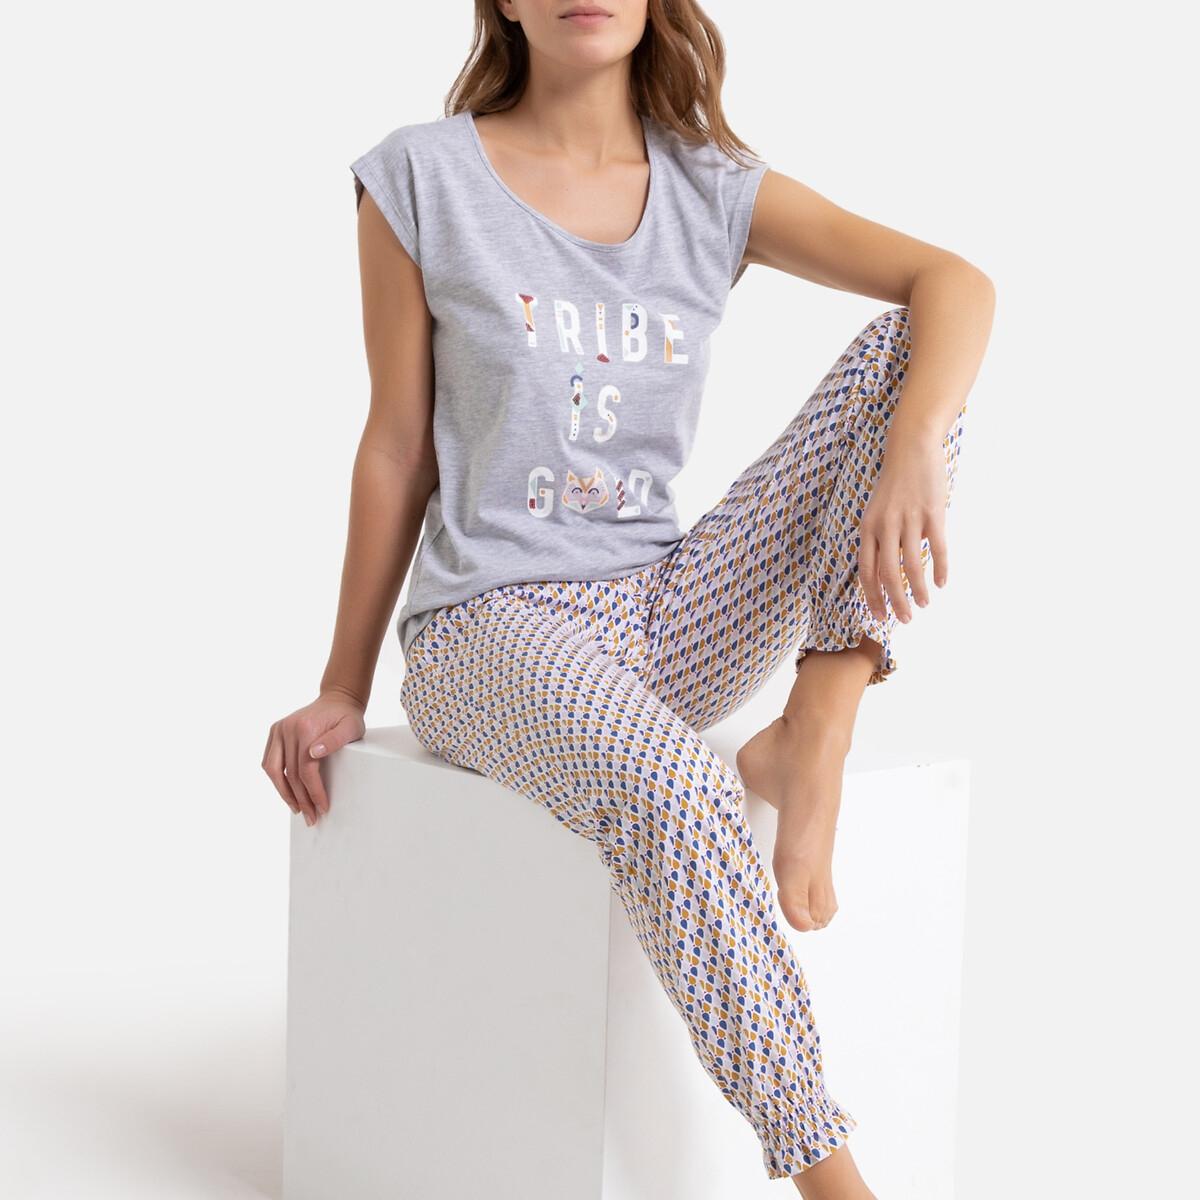 Pijama estampado con detalles brillantes en la camiseta